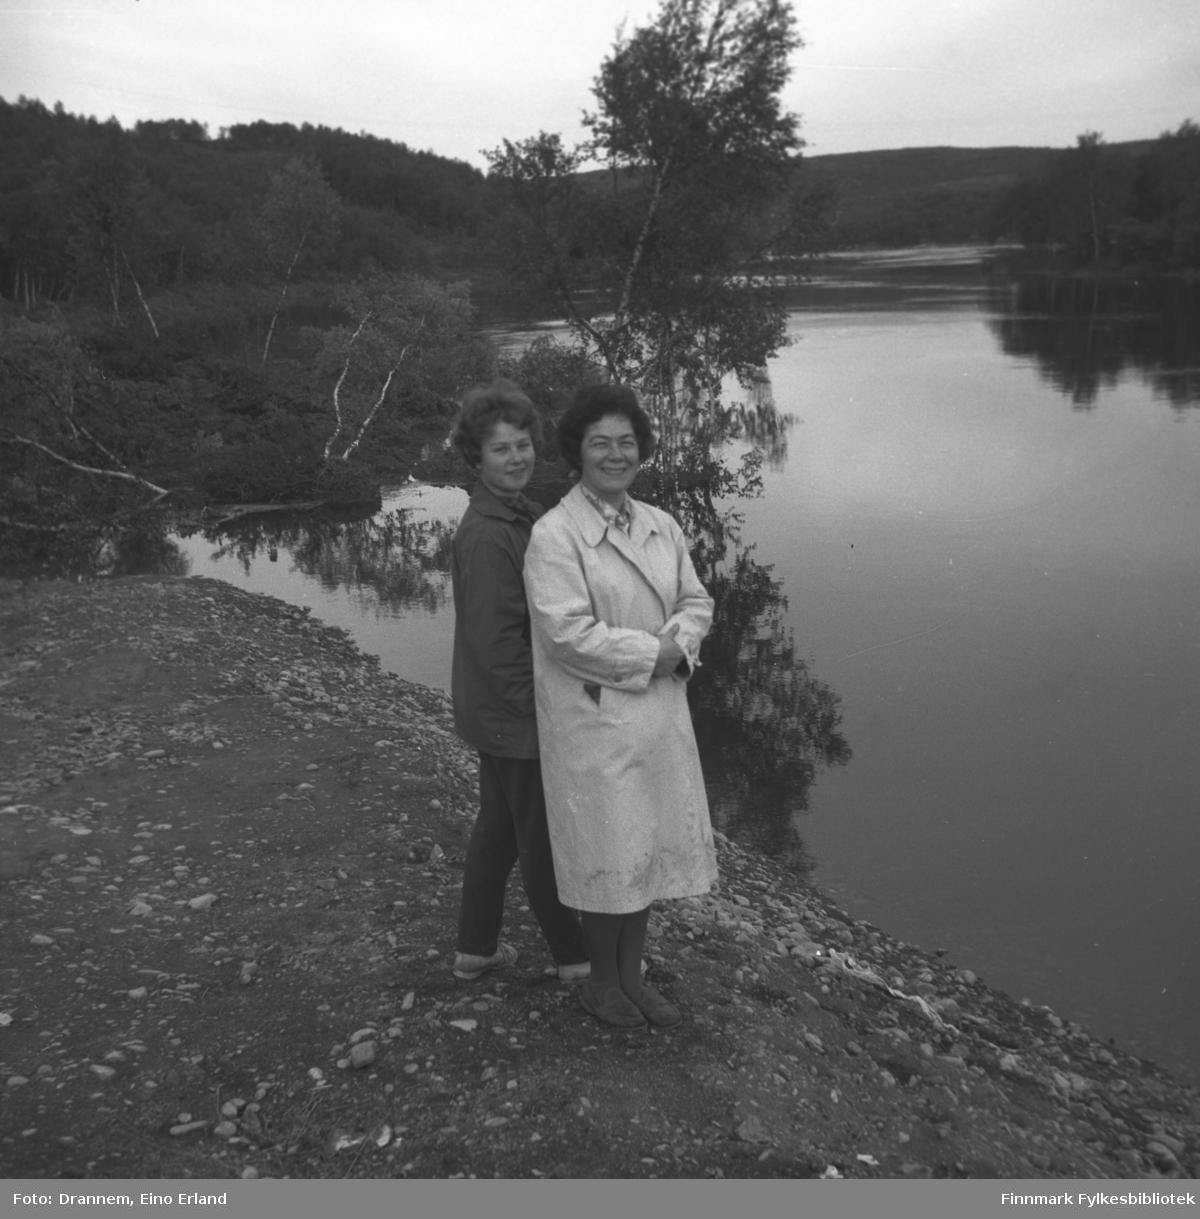 Turid Karikoski og Jenny Drannem fotografert ved bredden av en elv, muligens Neidenelva.